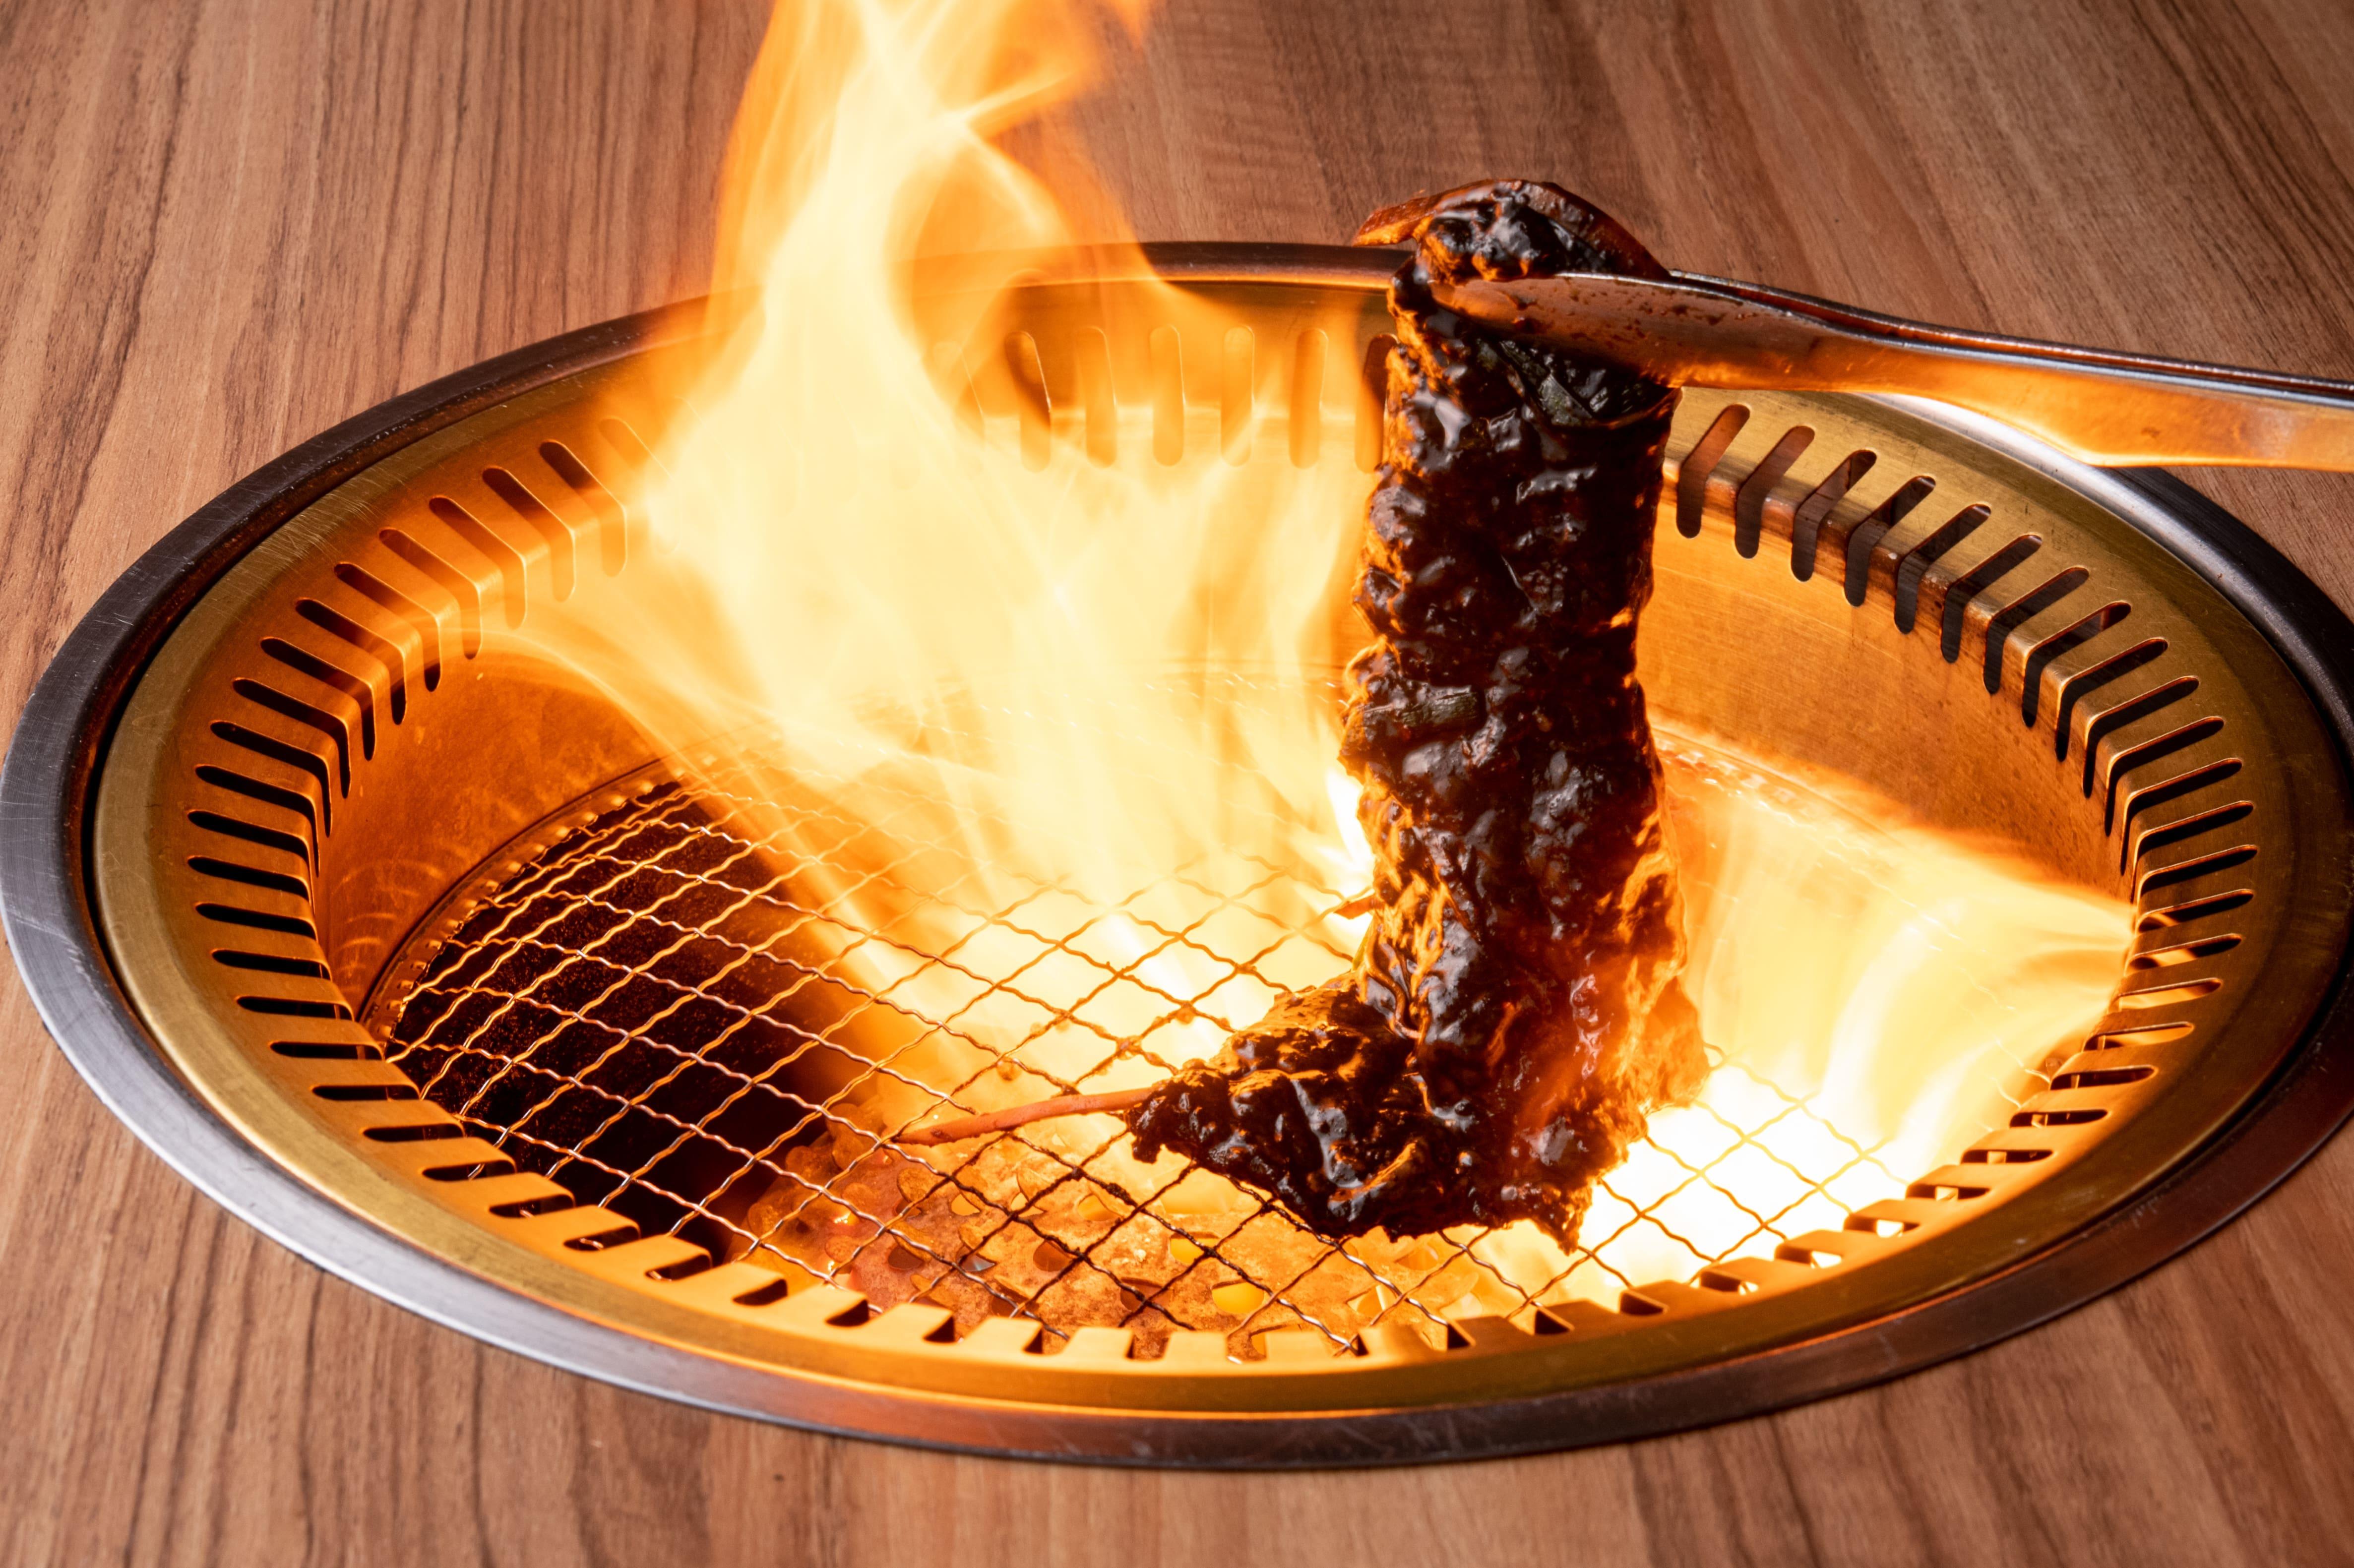 一口食べたらヤミツキ!?真っ黒なタレ漬け熟成焼き肉「くらべこブラック」が大阪狭山の焼肉くらべこに登場 画像